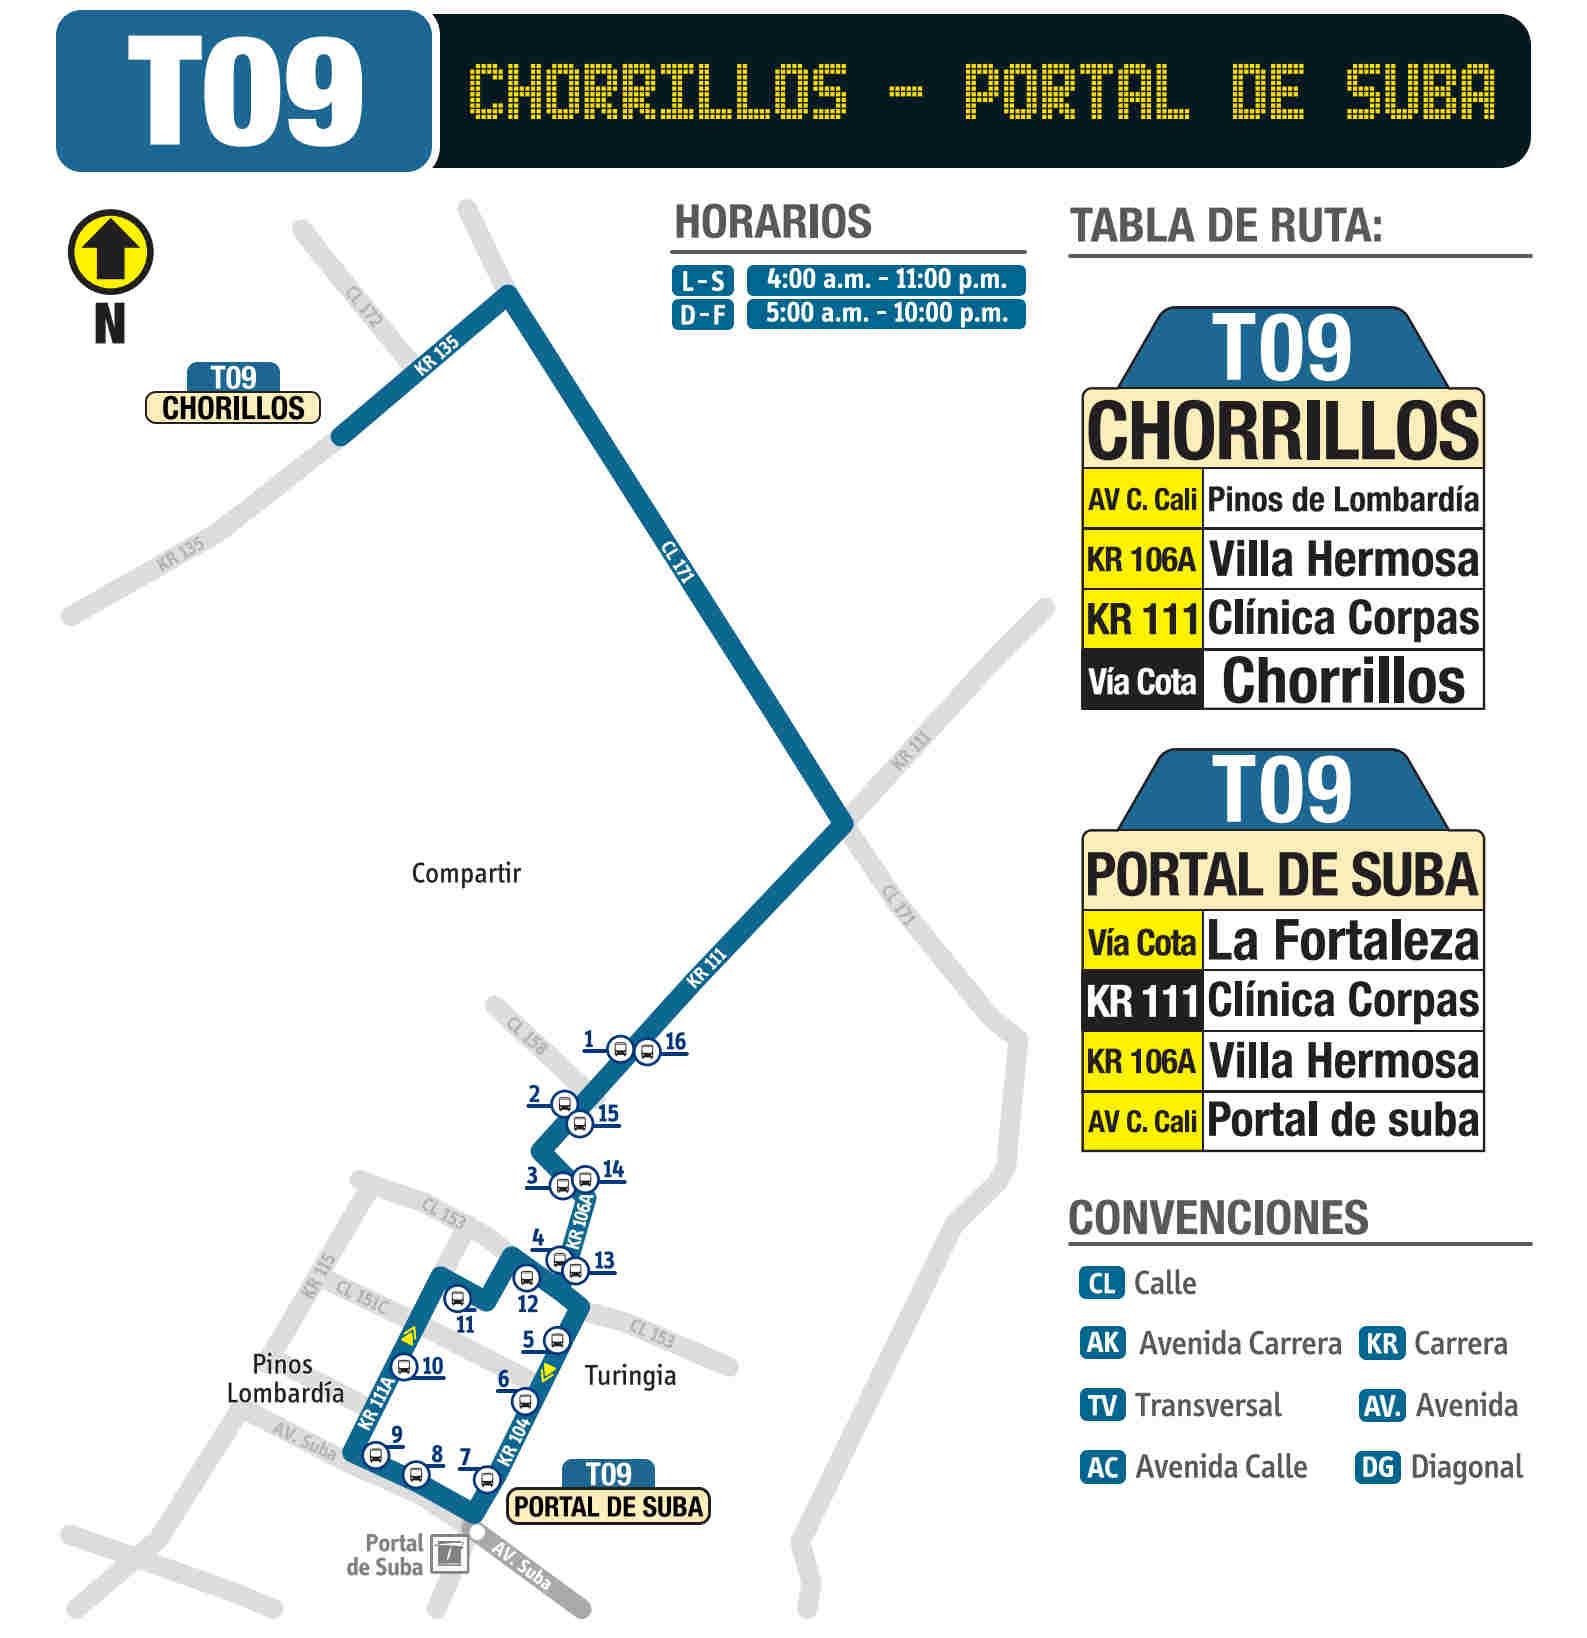 T09 Chorrillos - Portal de Suba, mapa bus urbano Bogotá